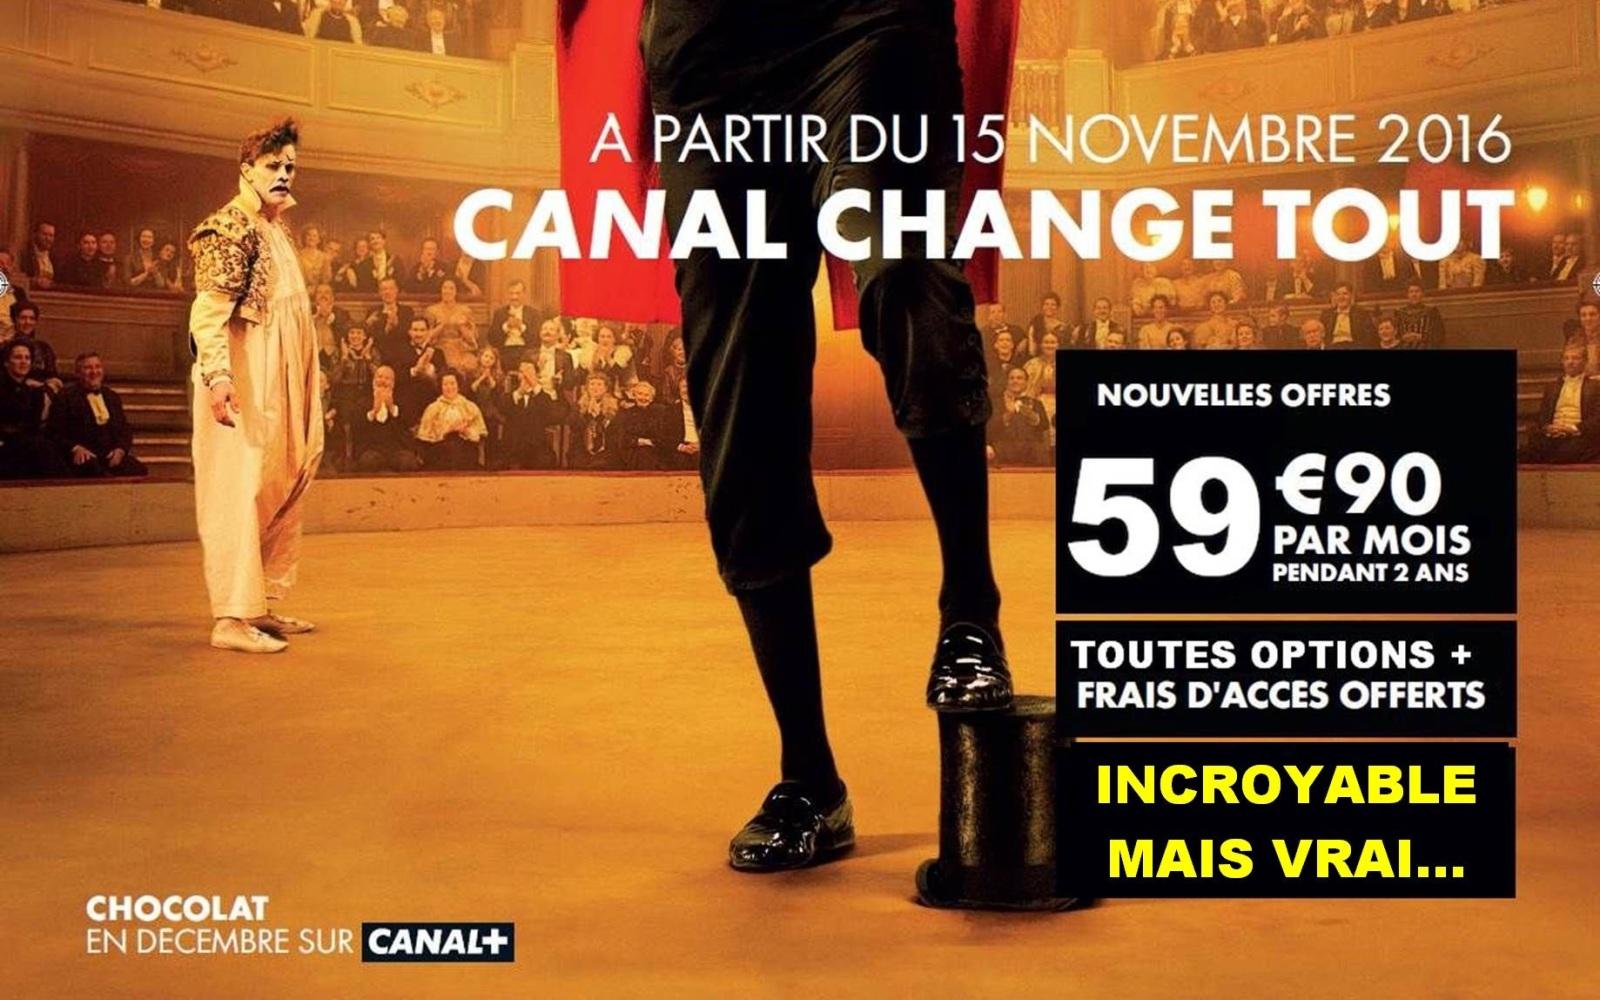 CANAL CHANGE TOUT